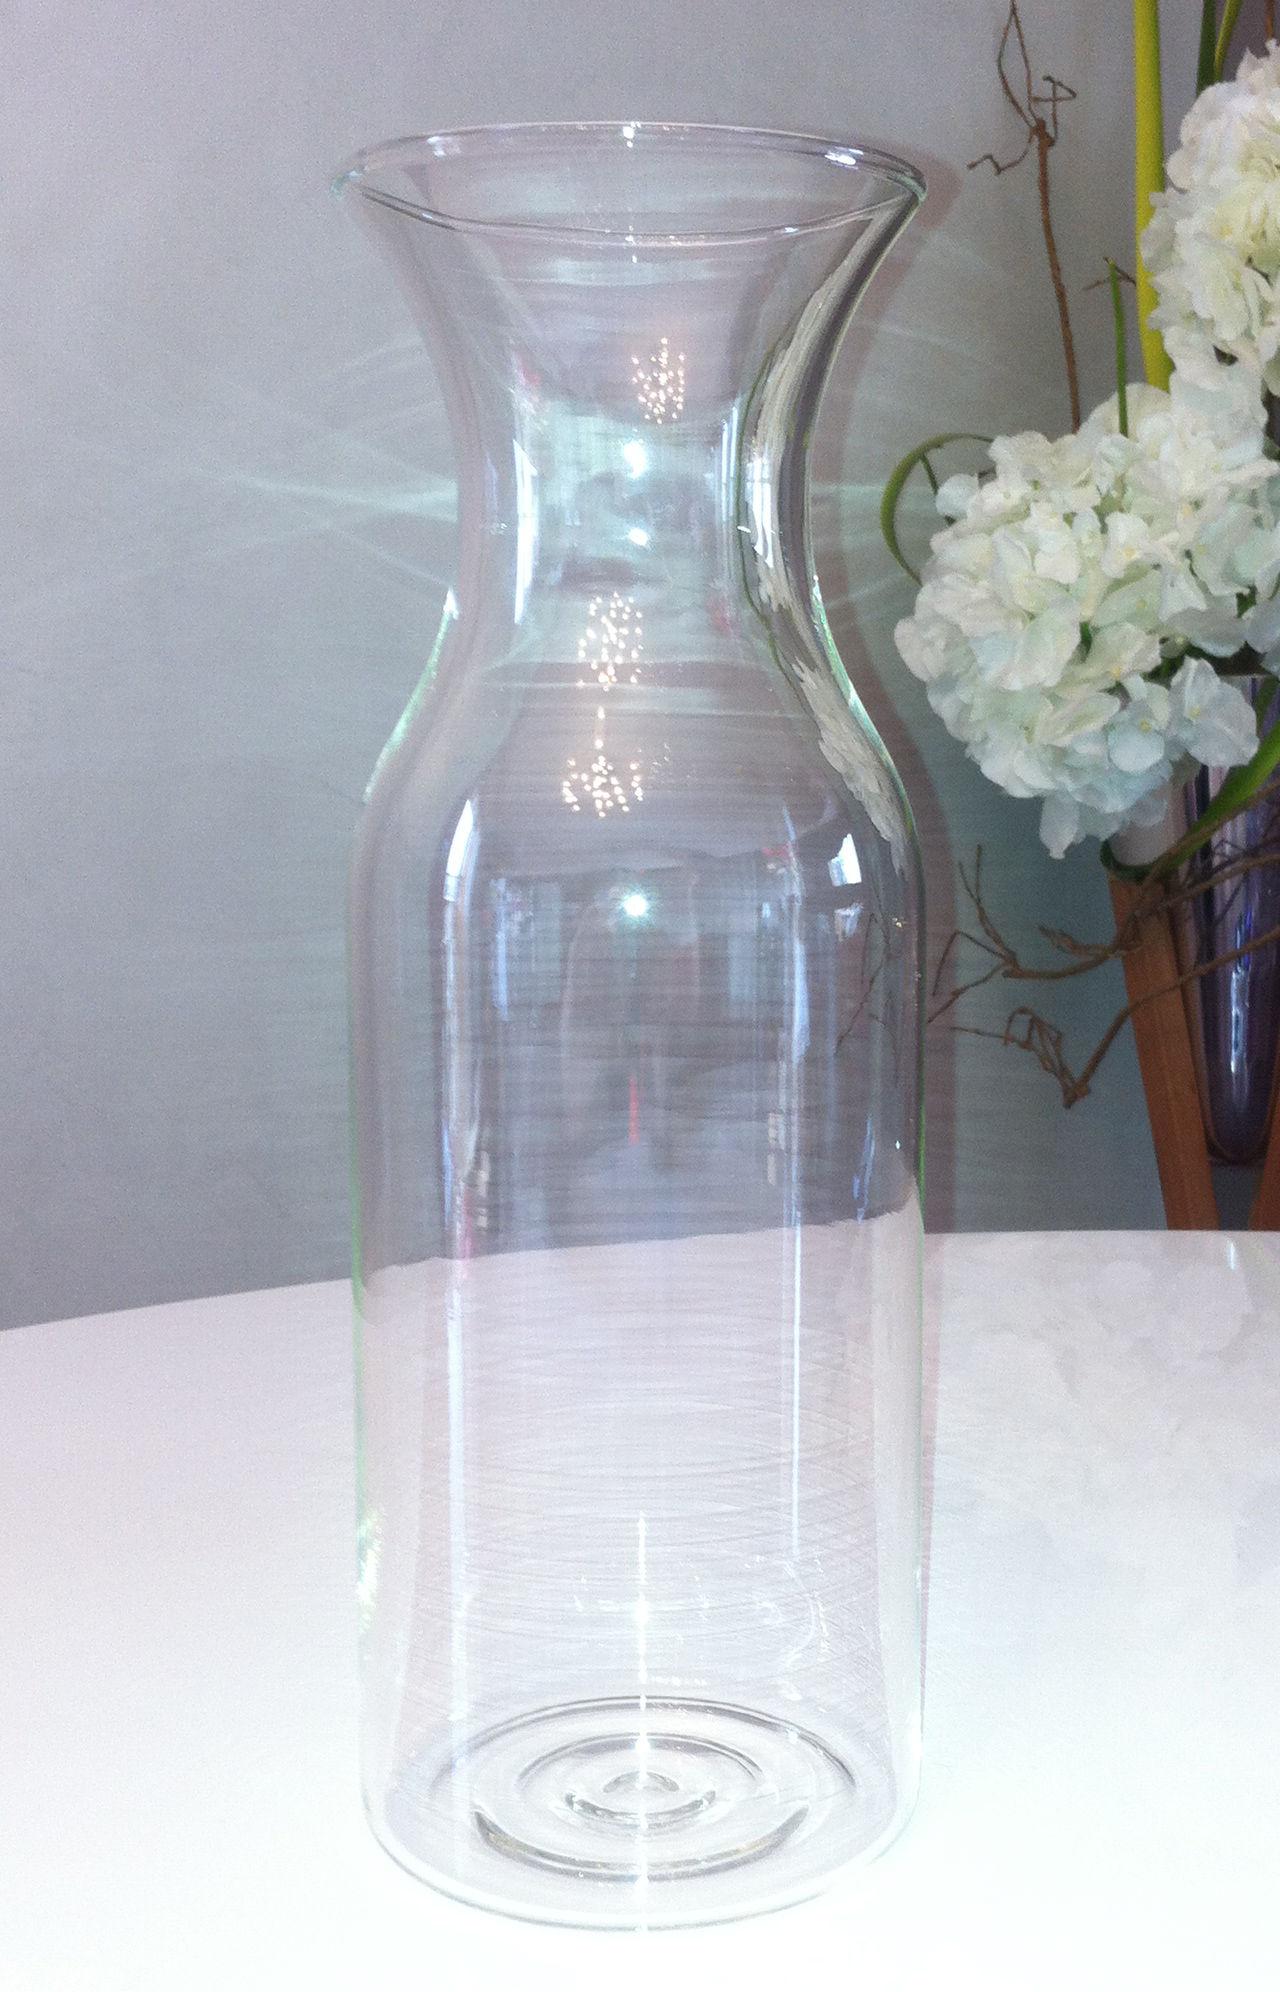 Arts de la table - Carafes et décanteurs - Verrerie de rechange pour Carafe Eva Solo 1L - Eva Solo - Verrerie de rechange - Transparent - Verre